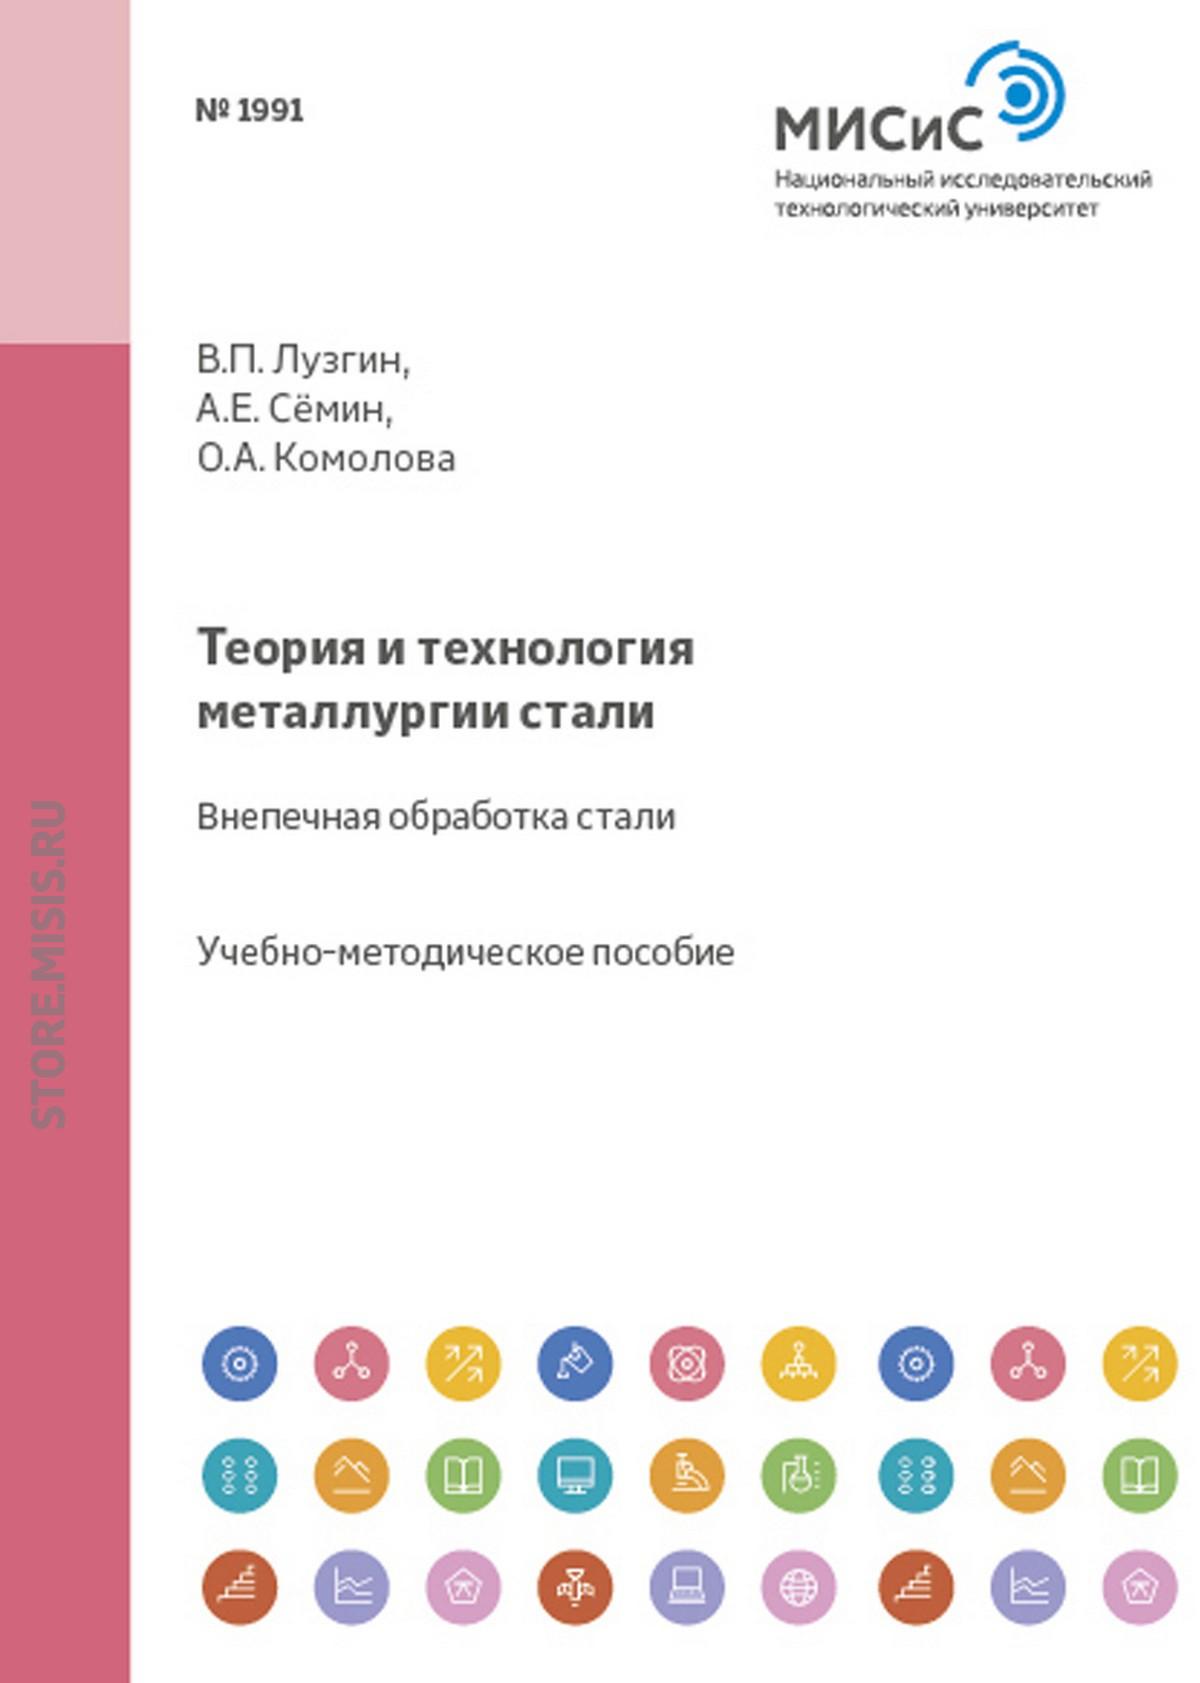 Валентин Лузгин Теория и технология металлургии стали. Внепечная обработка стали